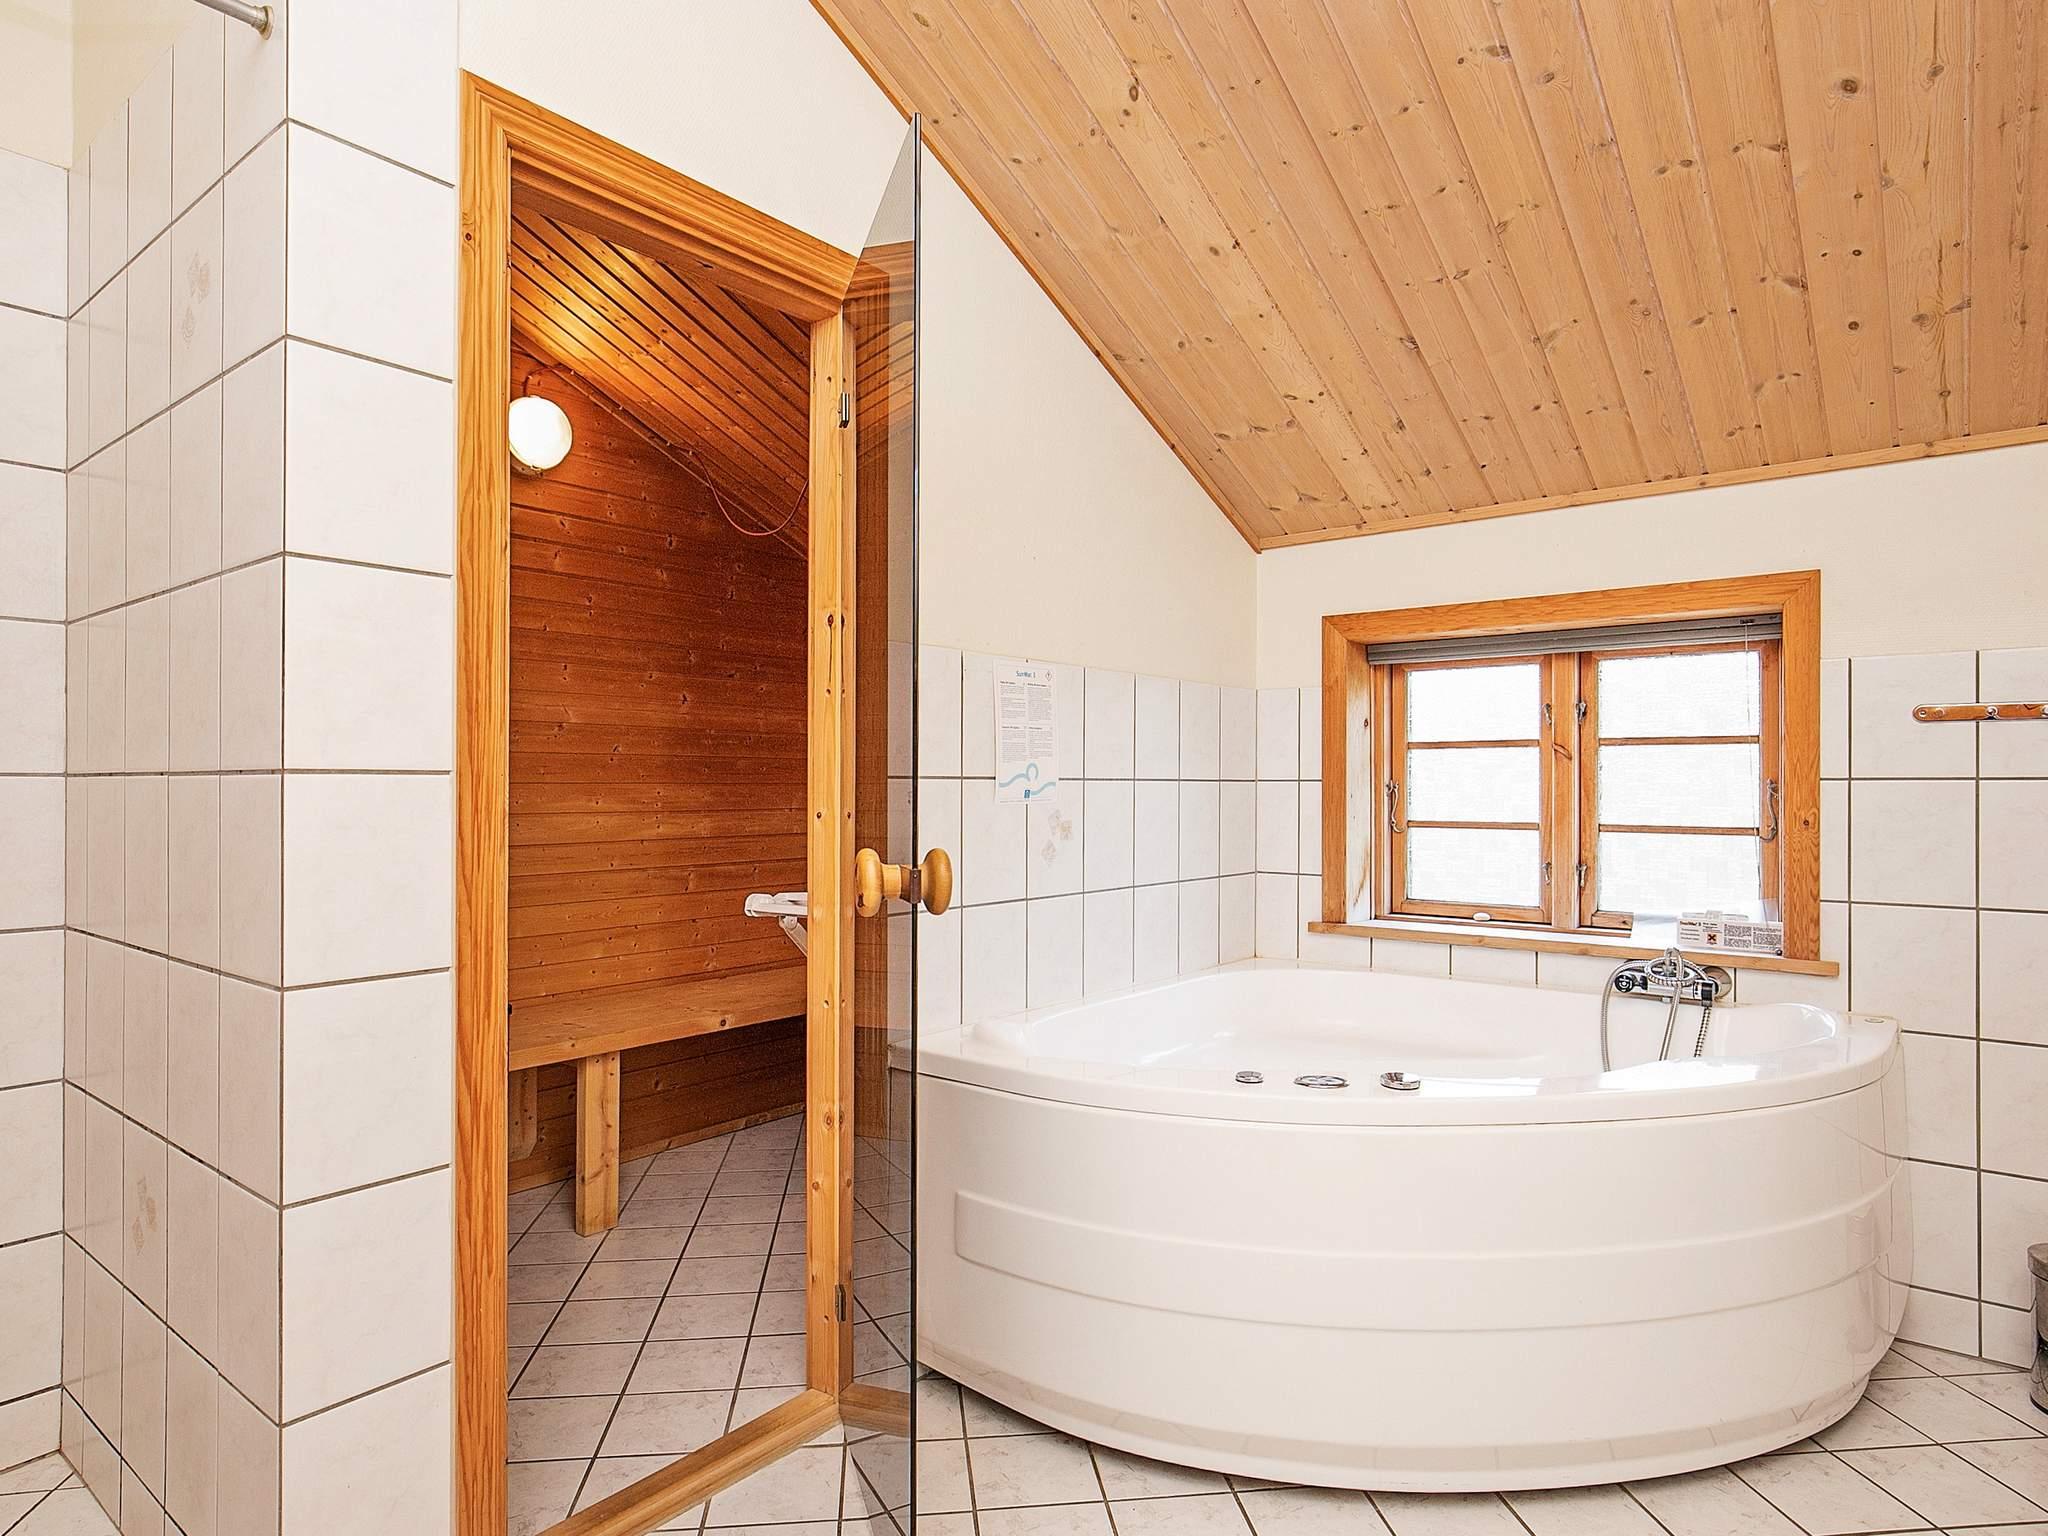 Ferienhaus Houvig (84897), Ringkøbing, Ringkøbing Fjord, Westjütland, Dänemark, Bild 19